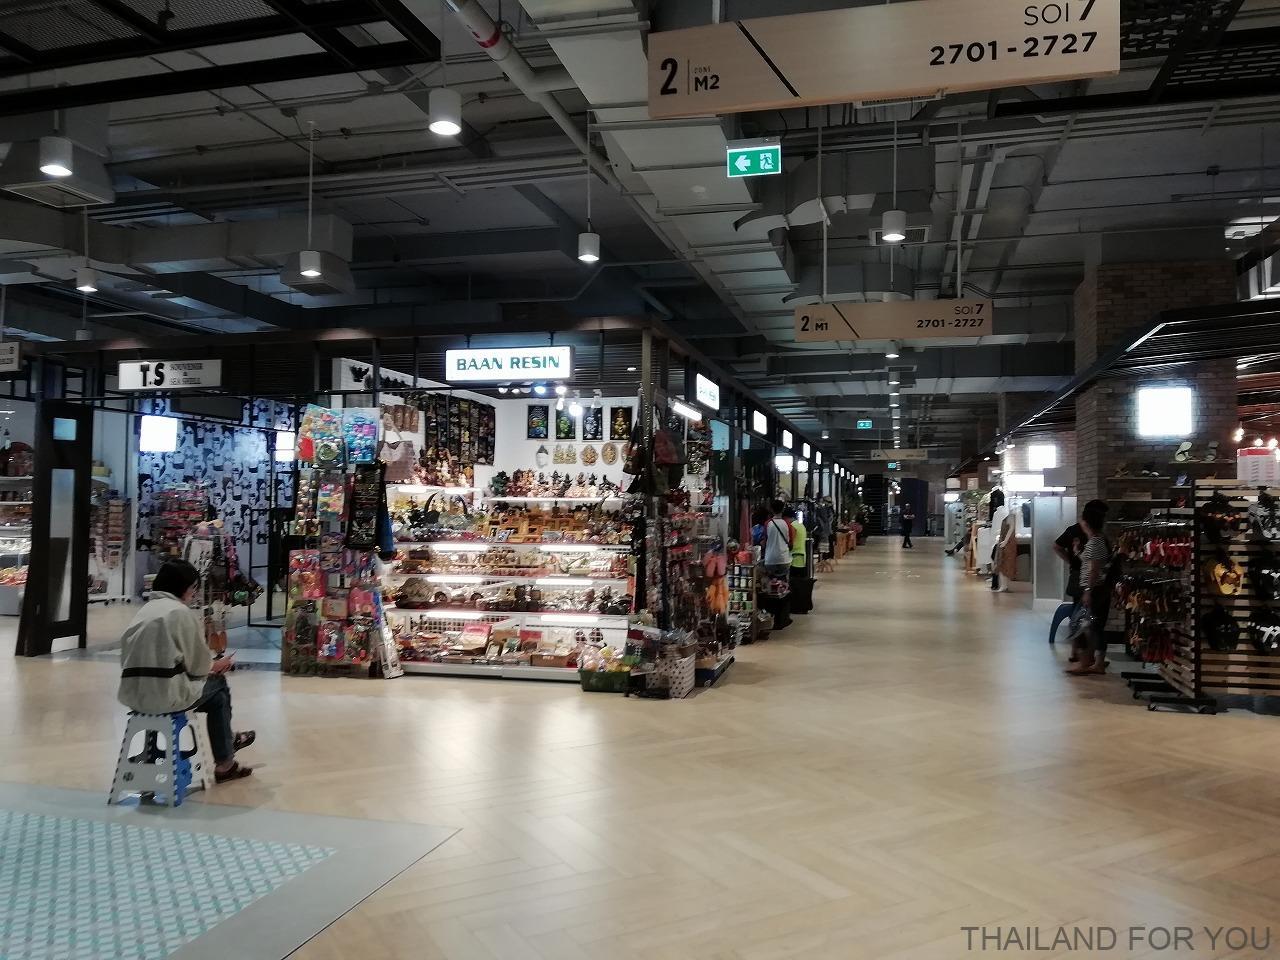 ザ・マーケット・バンコク the market bangkok 写真